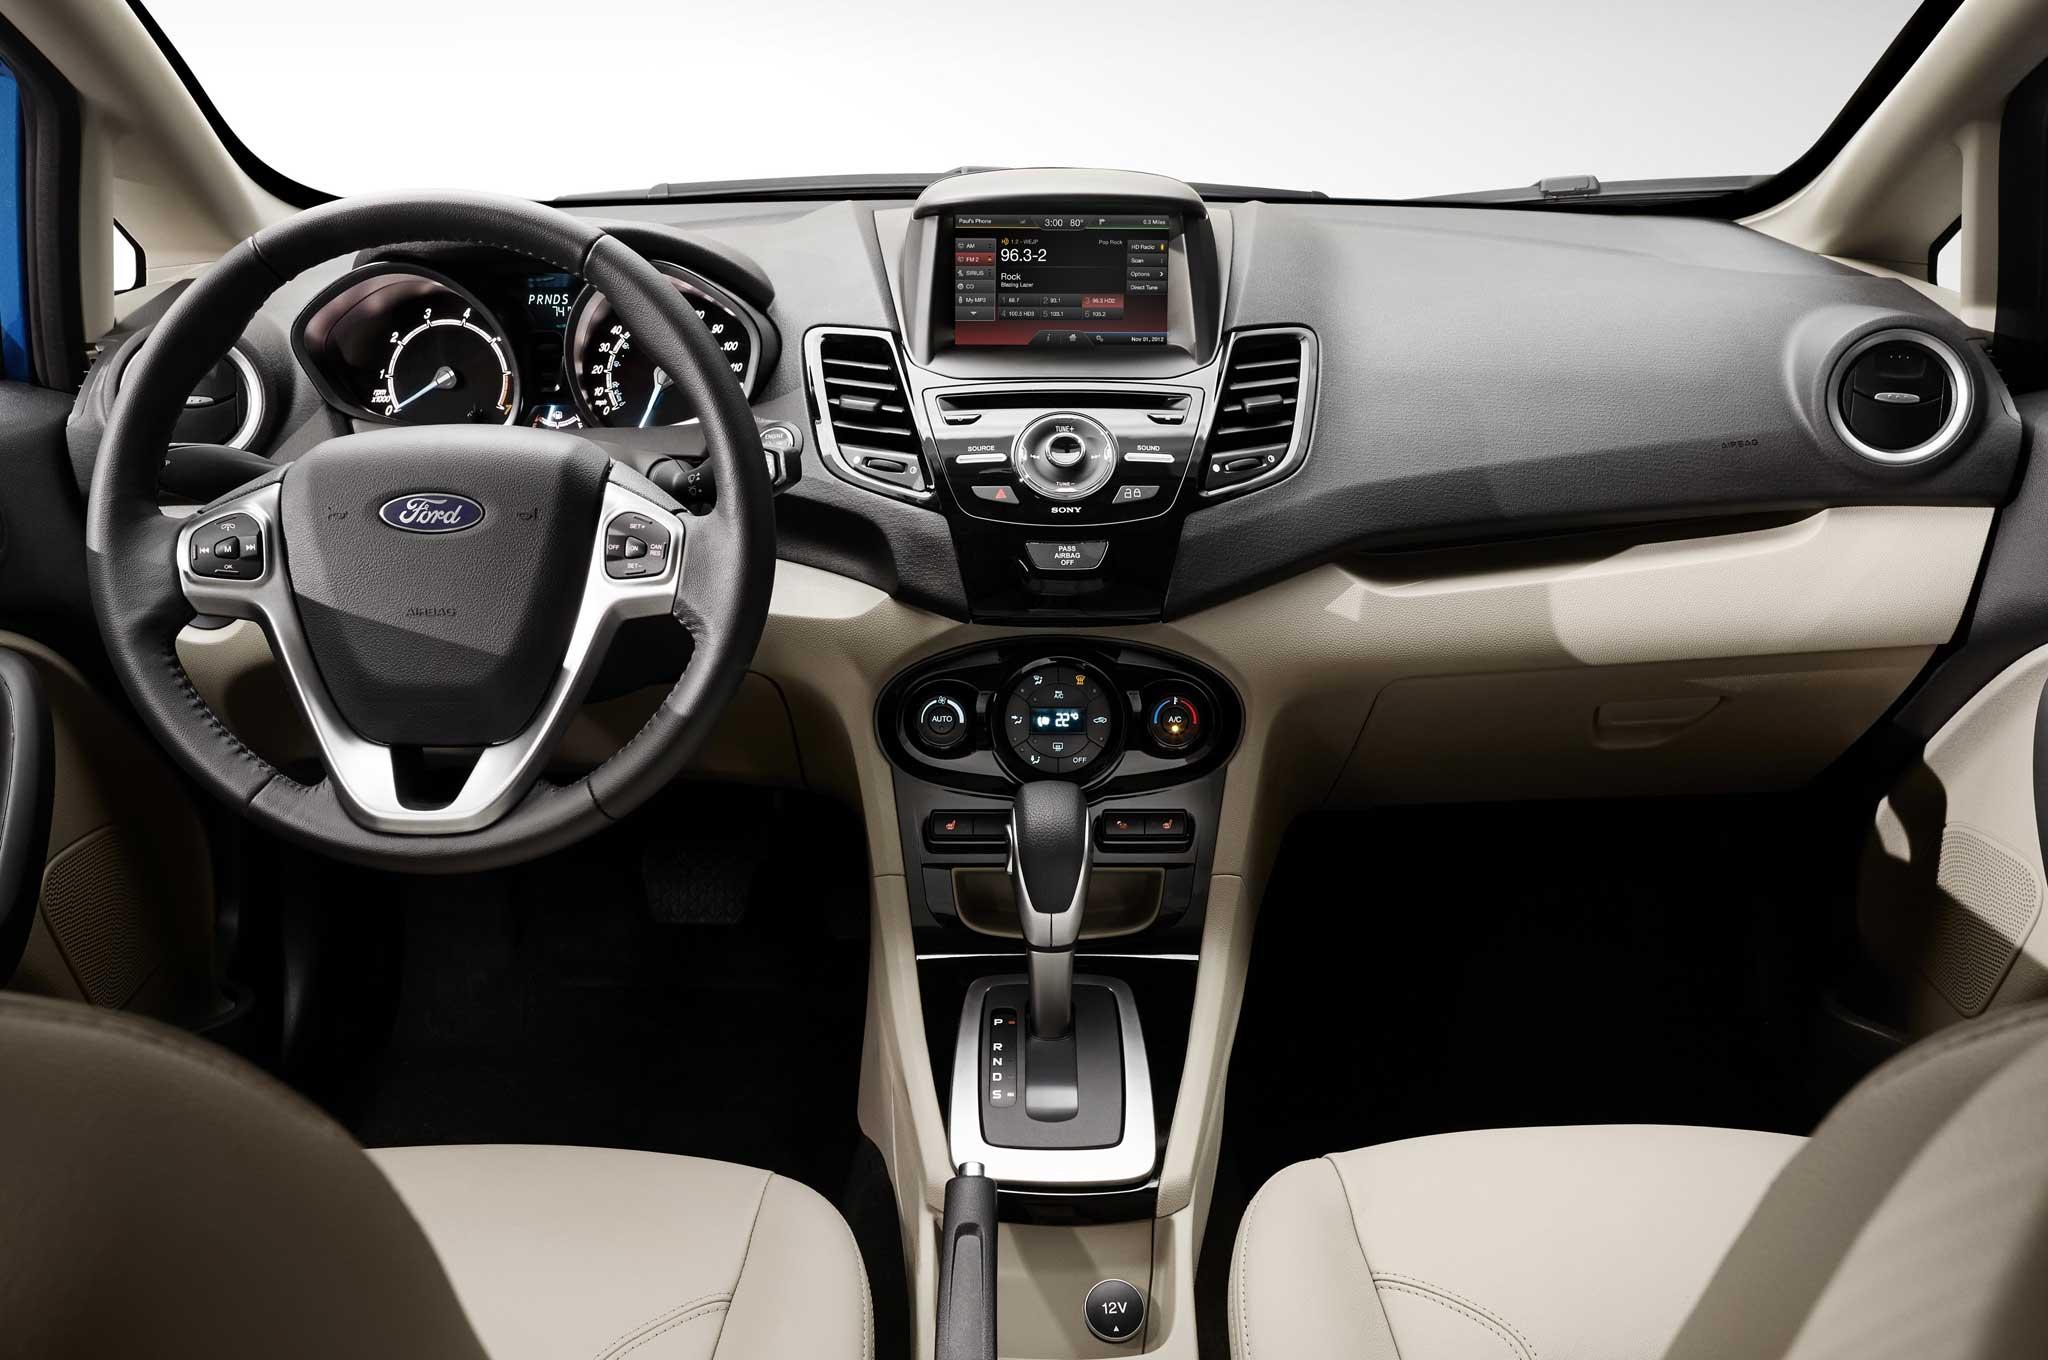 2014 Ford Fiesta Hatchback Interior